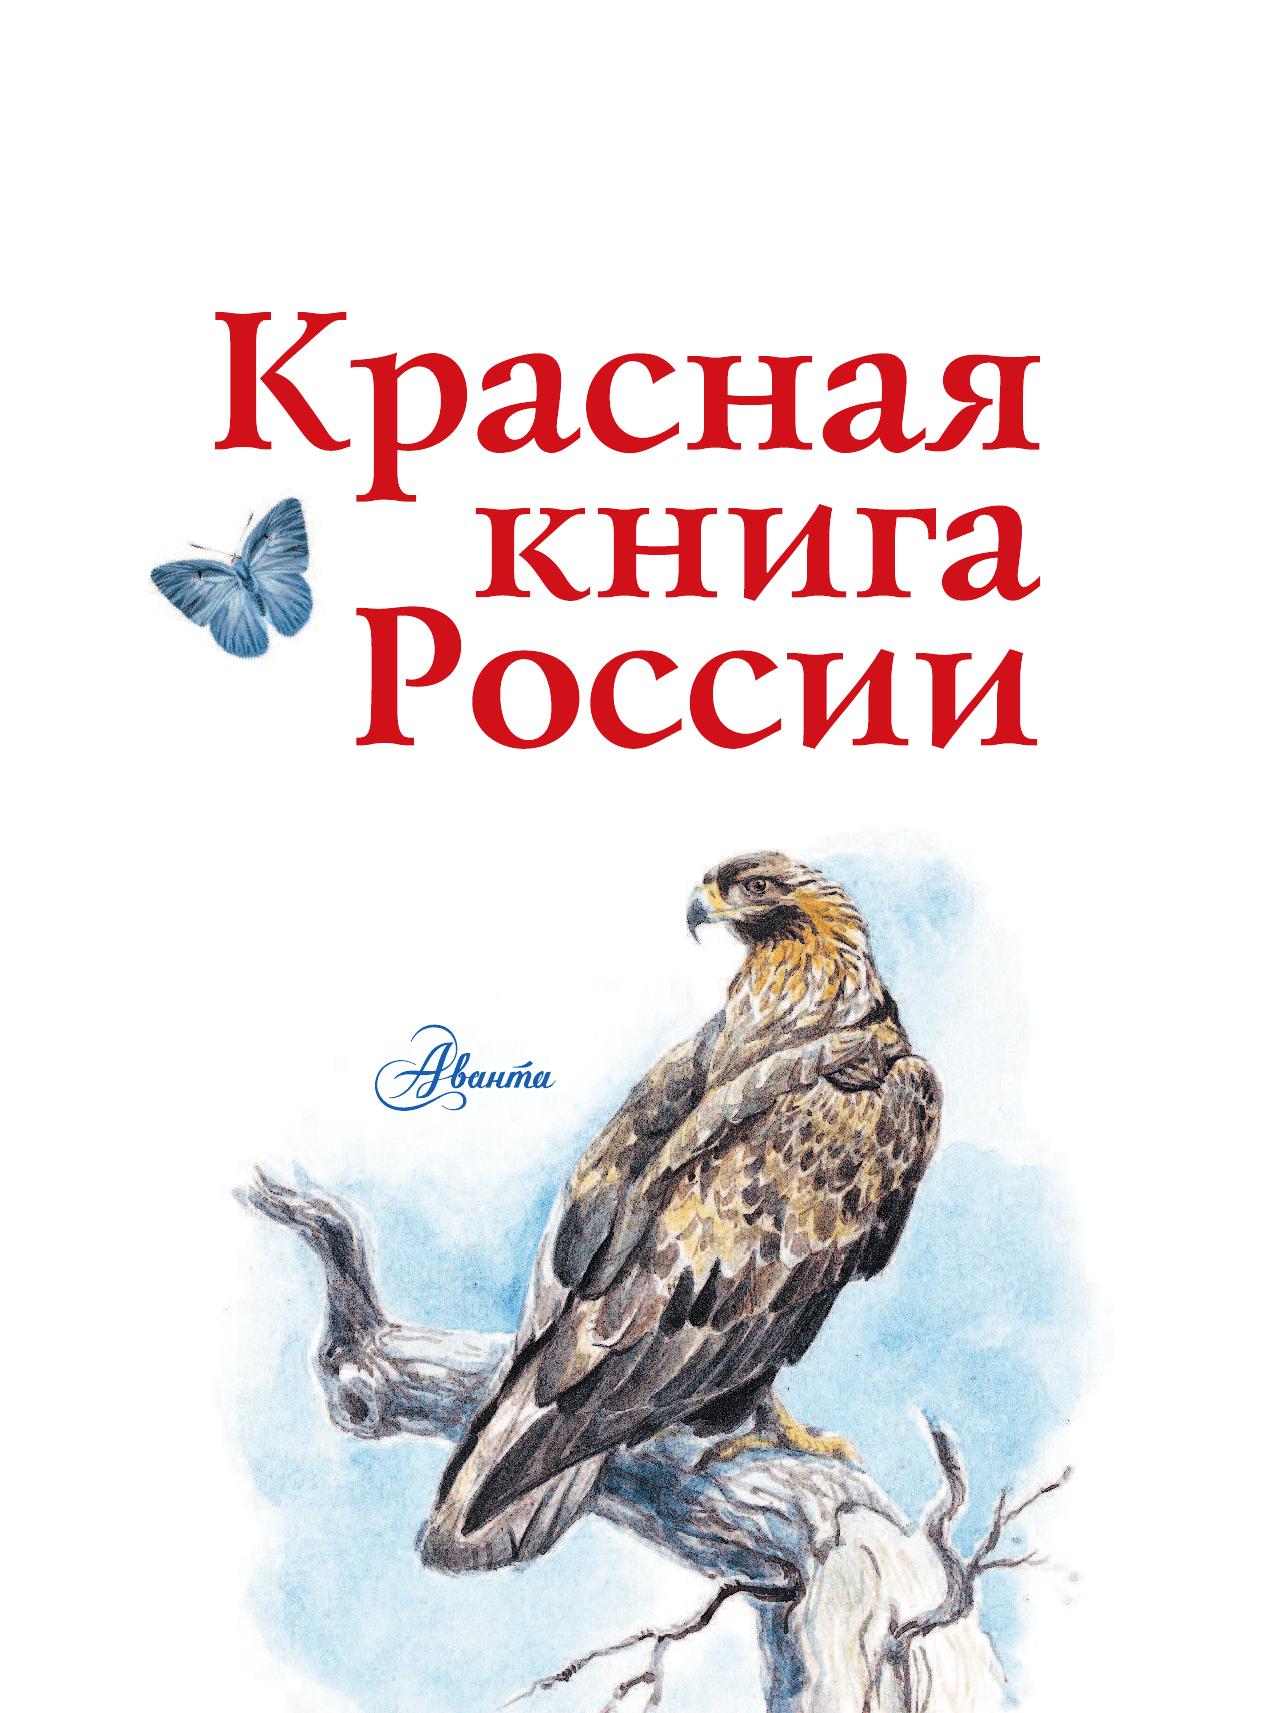 Добрым утром, прикольные картинки красной книги